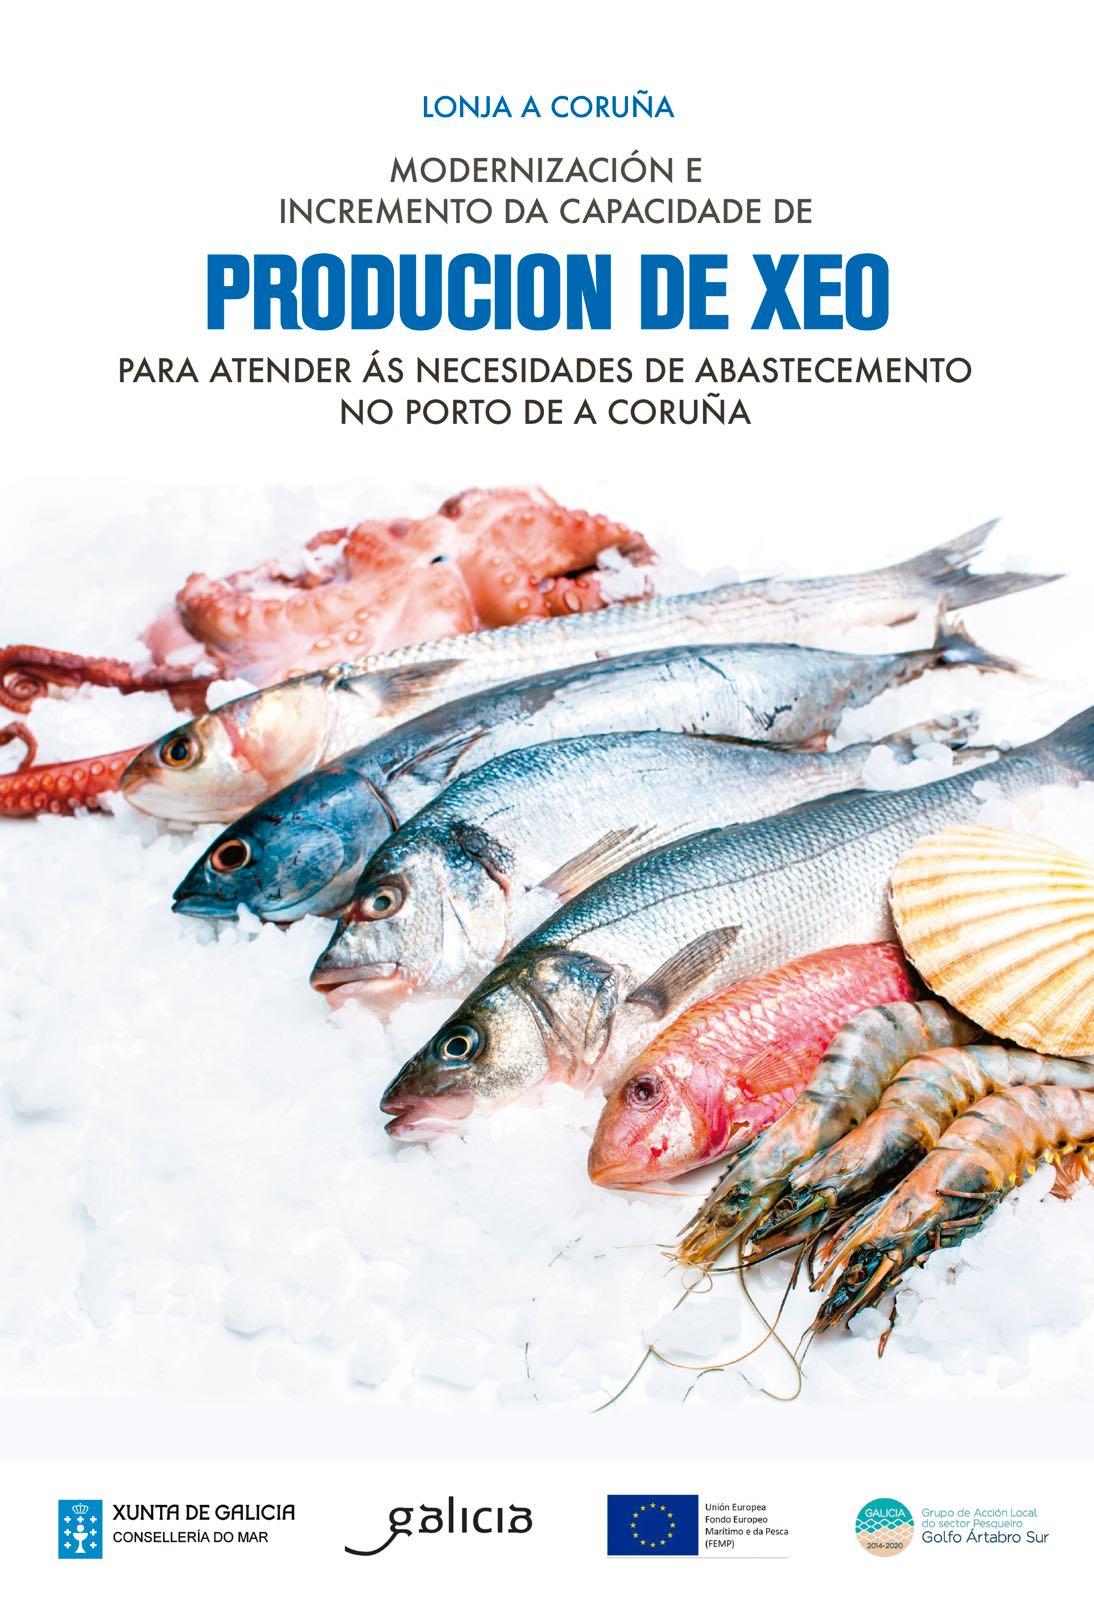 Proxecto Modernización e incremento da capacidade de produción de xeo  Lonxa de A Coruña